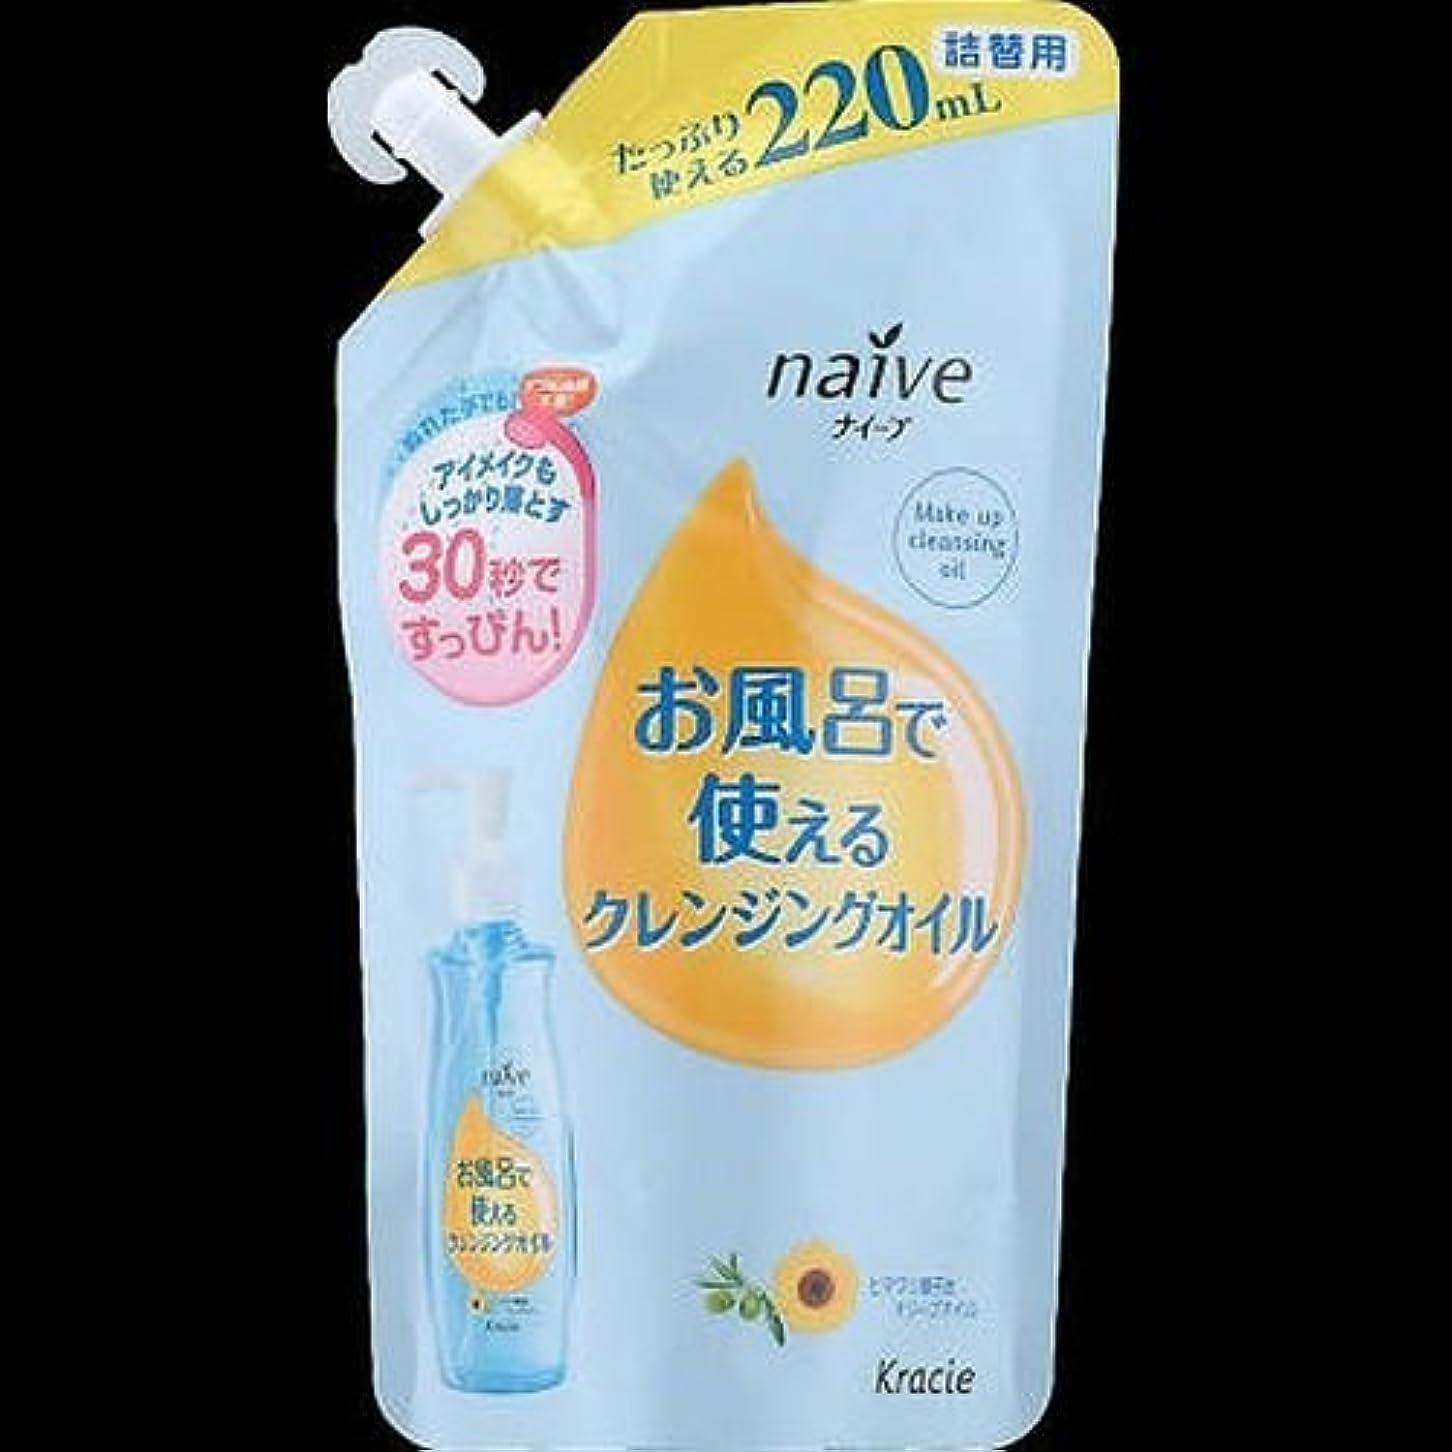 サイクロプス分解する提供する【まとめ買い】ナイーブ お風呂で使えるクレンジングオイル 詰替 ×2セット